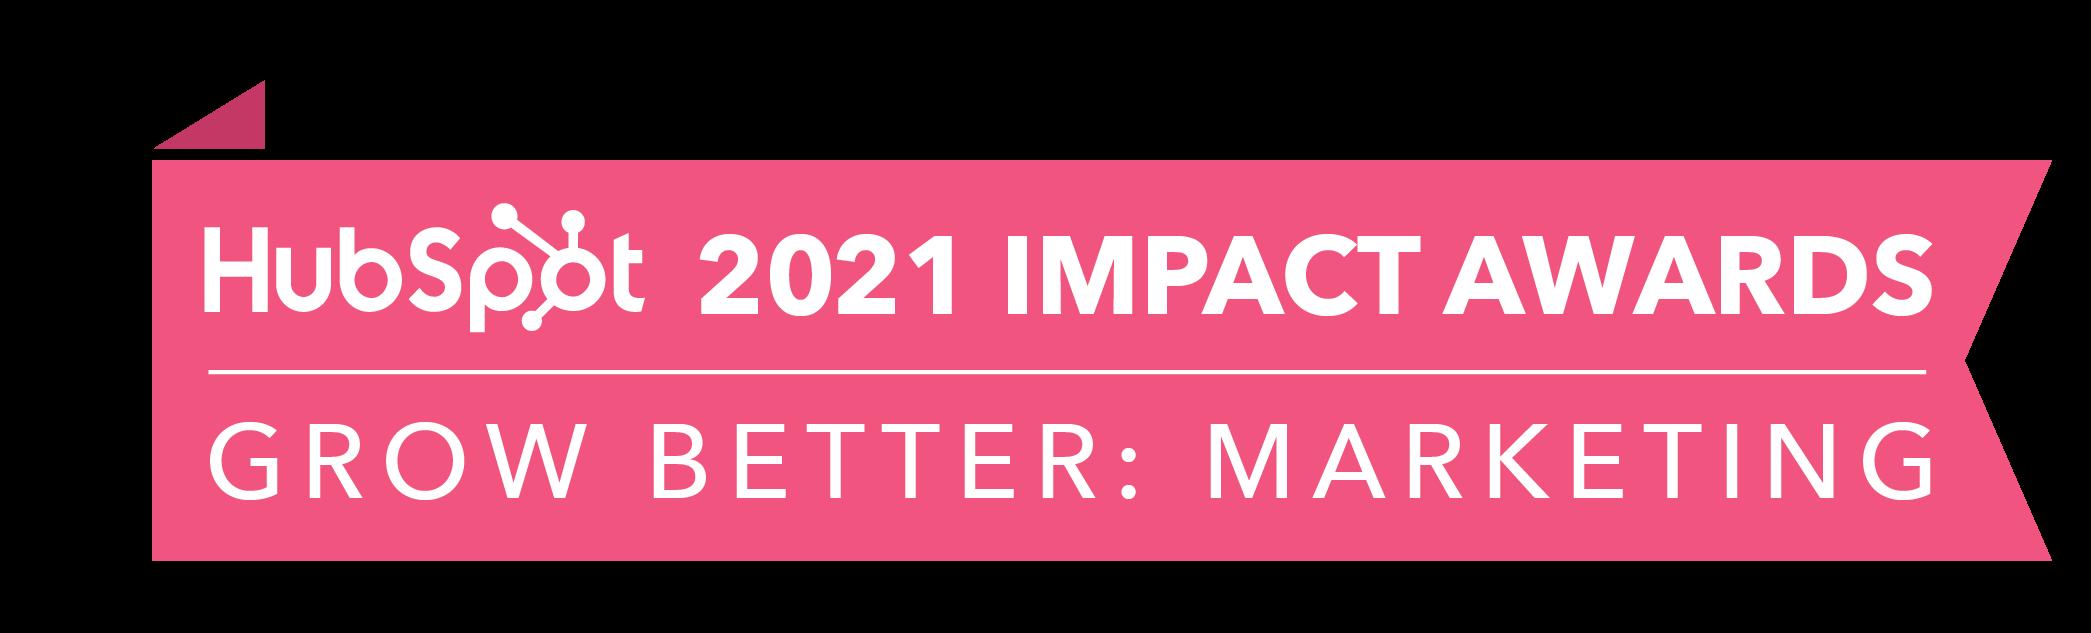 HubSpot Impact Award 2021